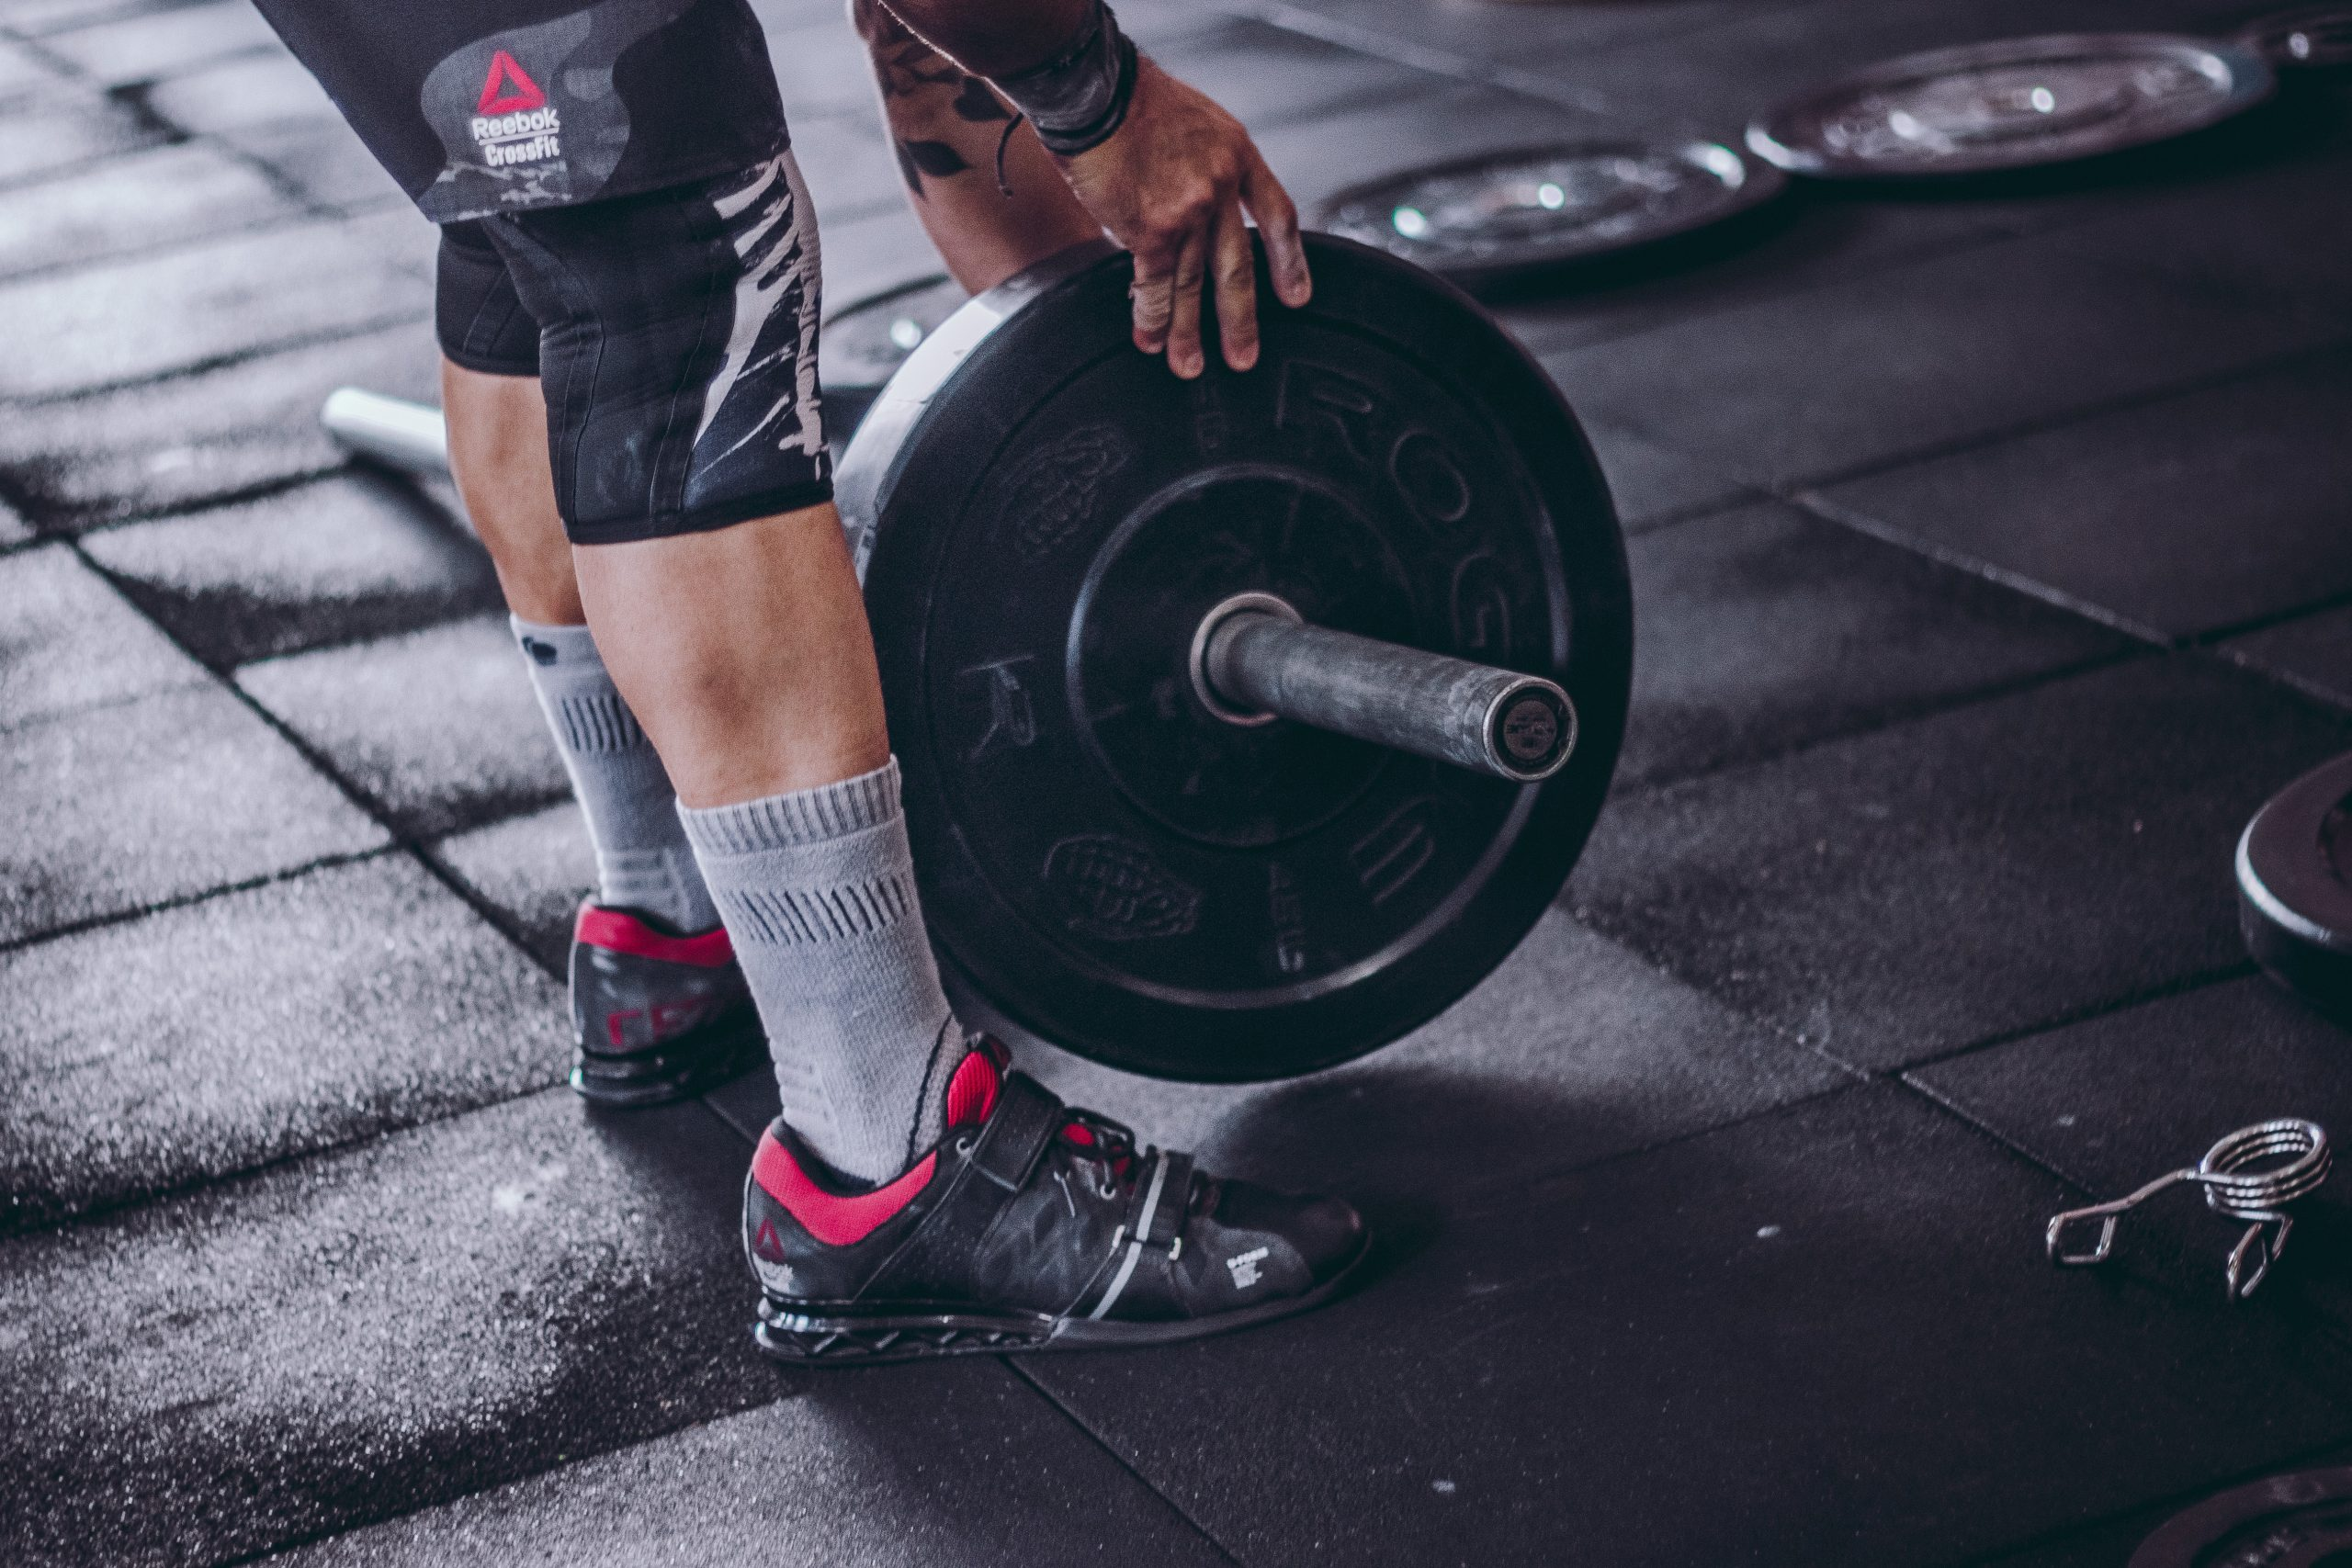 Homem pegando barra de peso no chão da academia